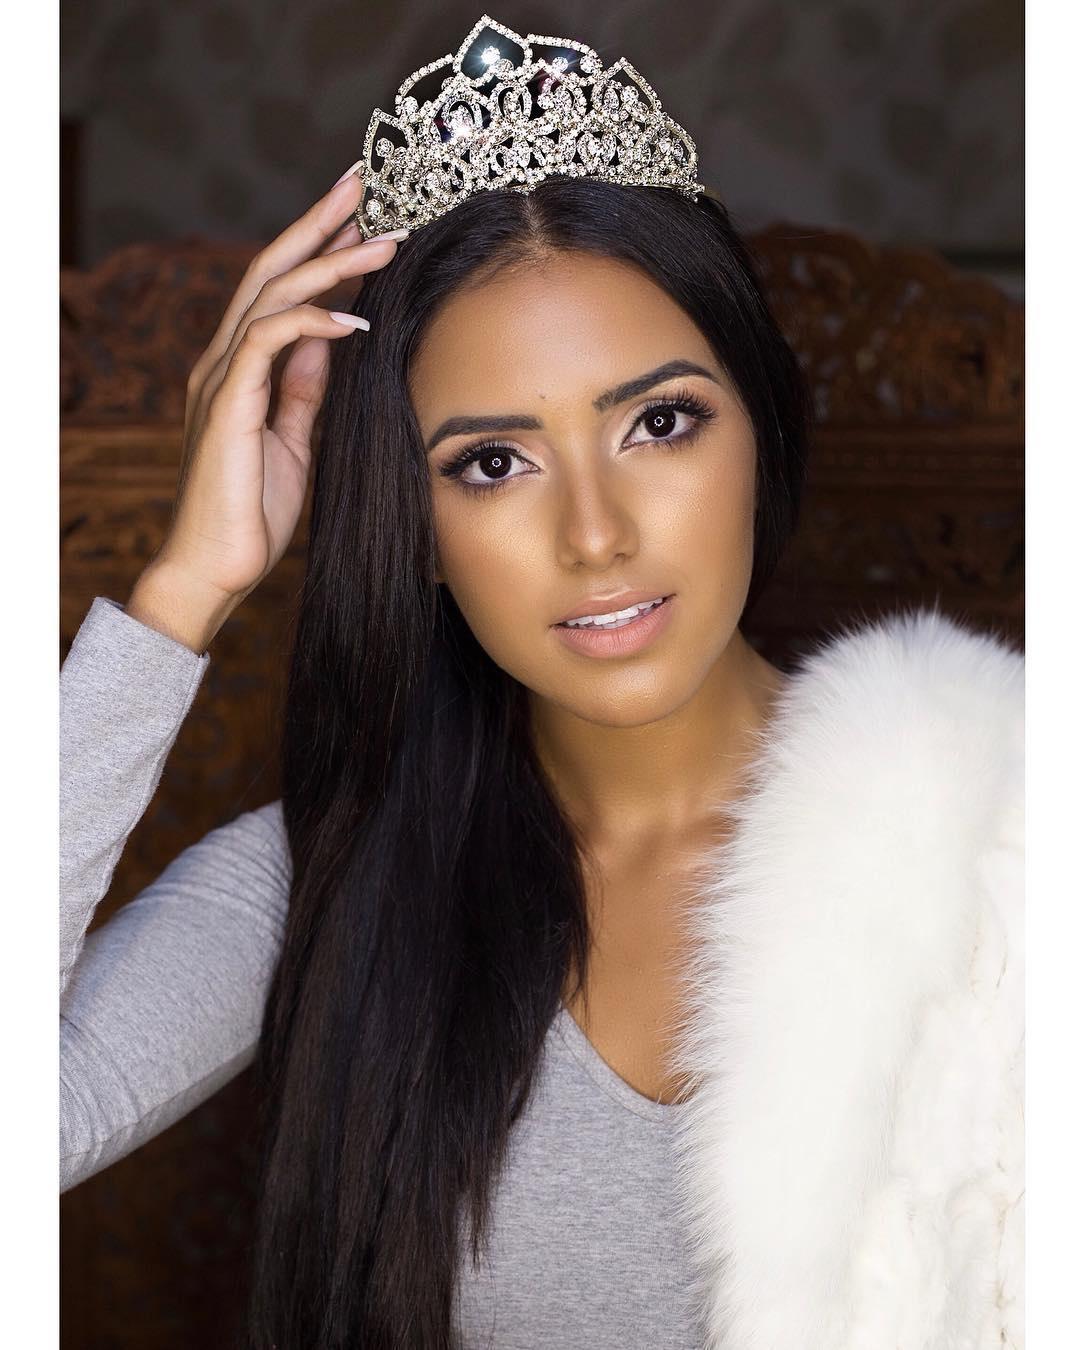 gabriela borges, miss distrito federal 2019, segunda finalista de miss all nations 2016. - Página 4 7f606310